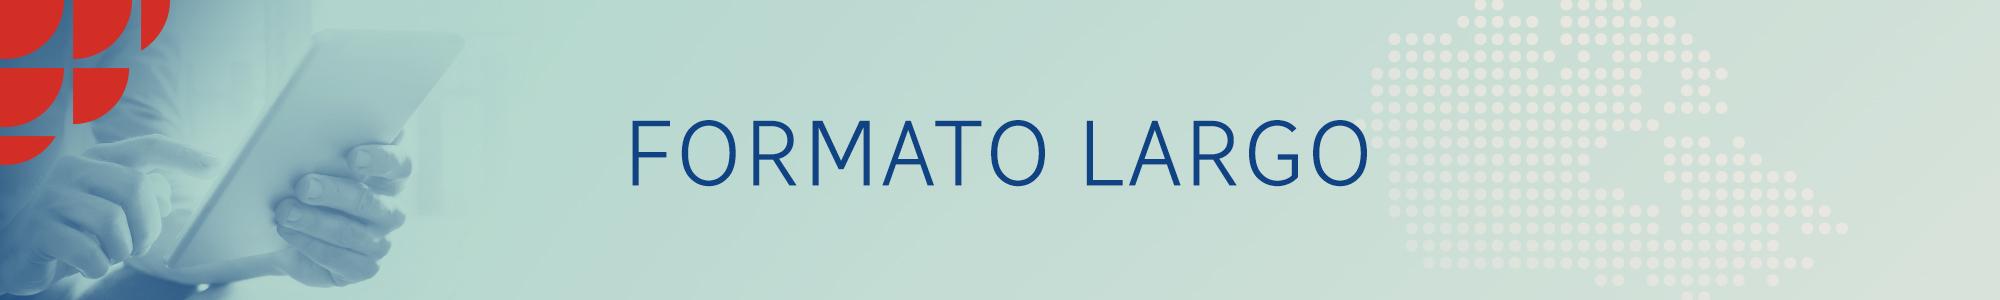 Formato Largo